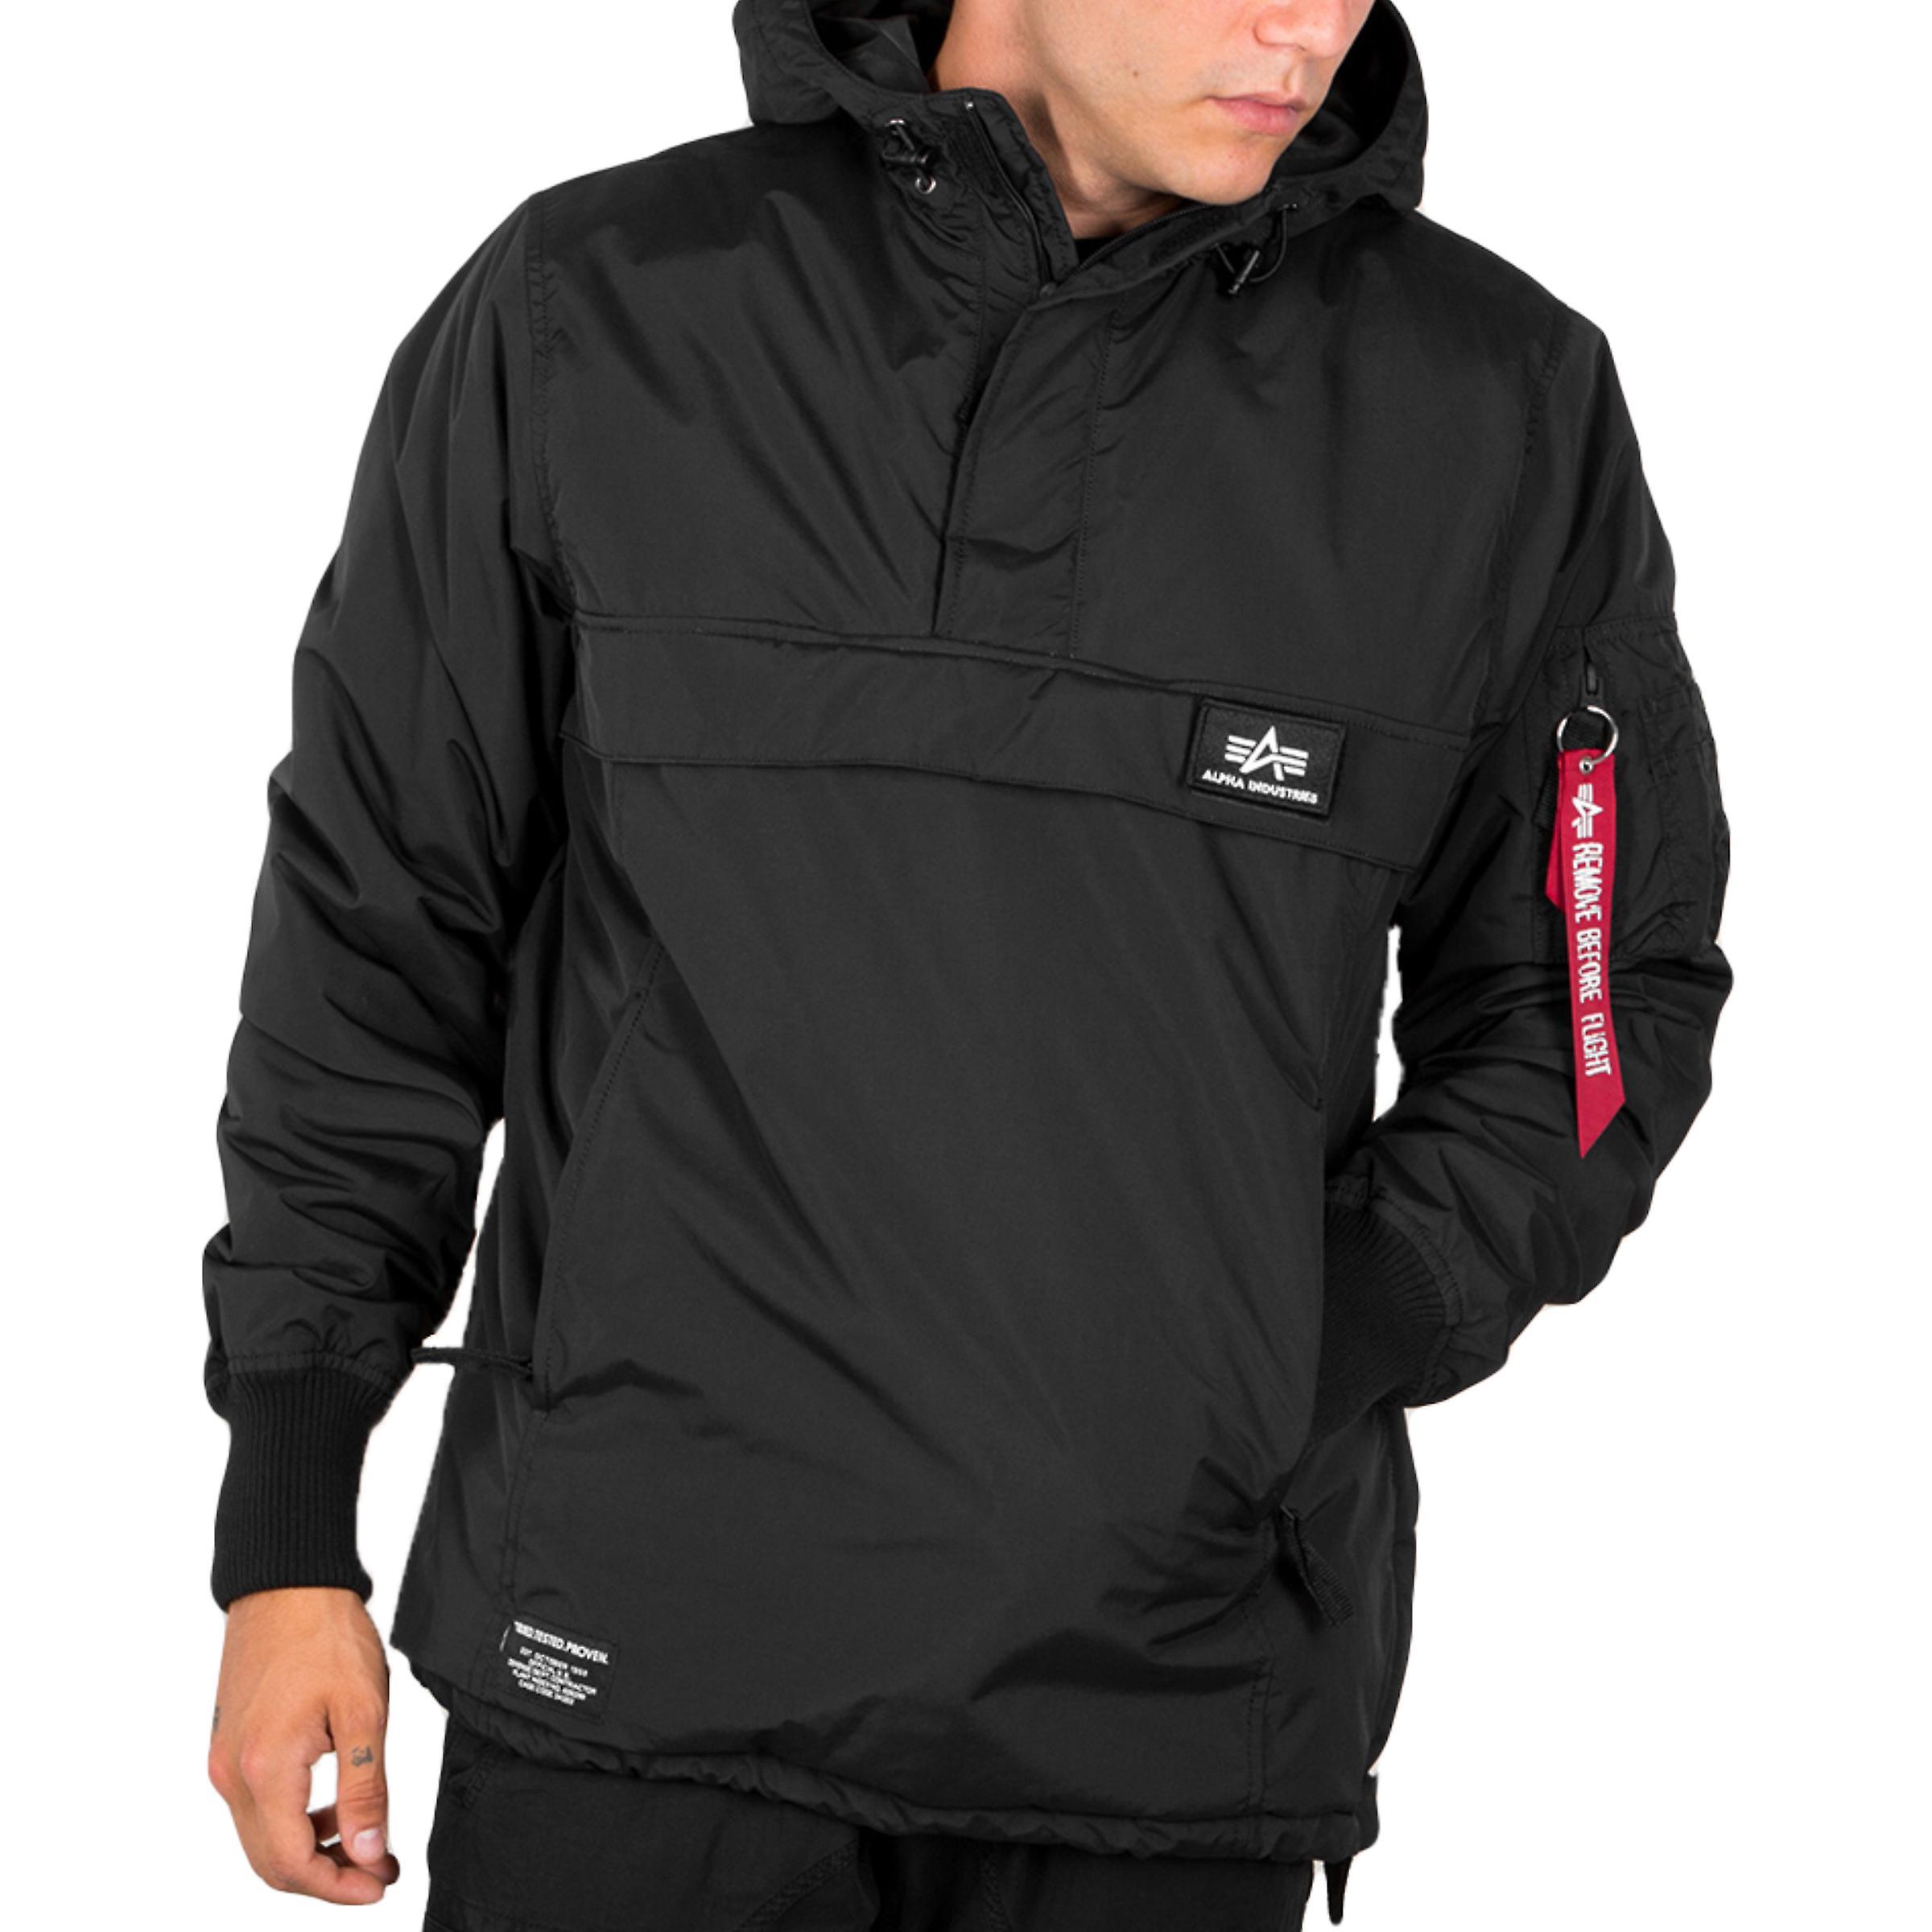 Alpha industries men's winter jacket WP anorak